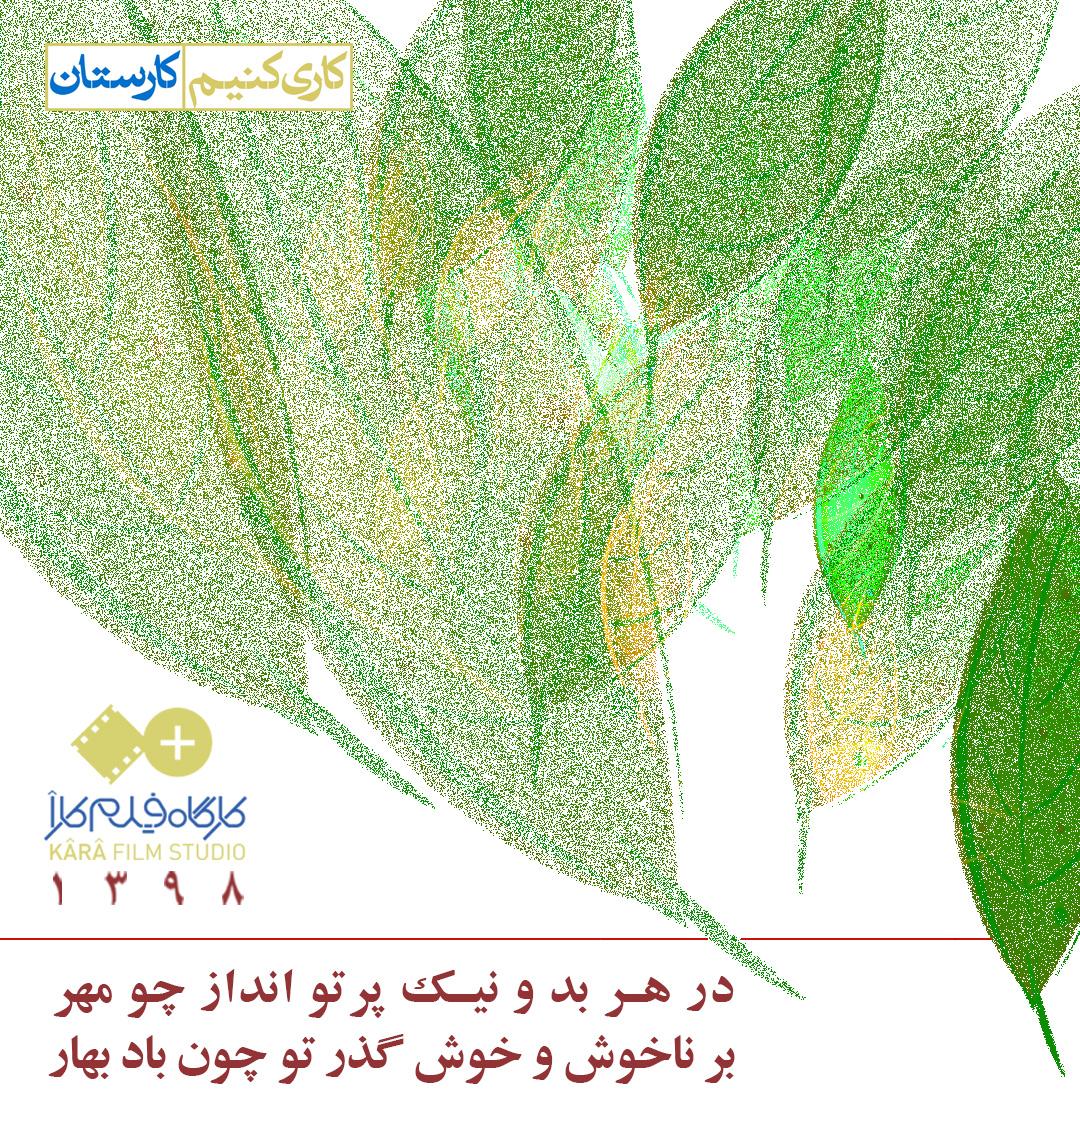 تبریک نوروزی کارستان